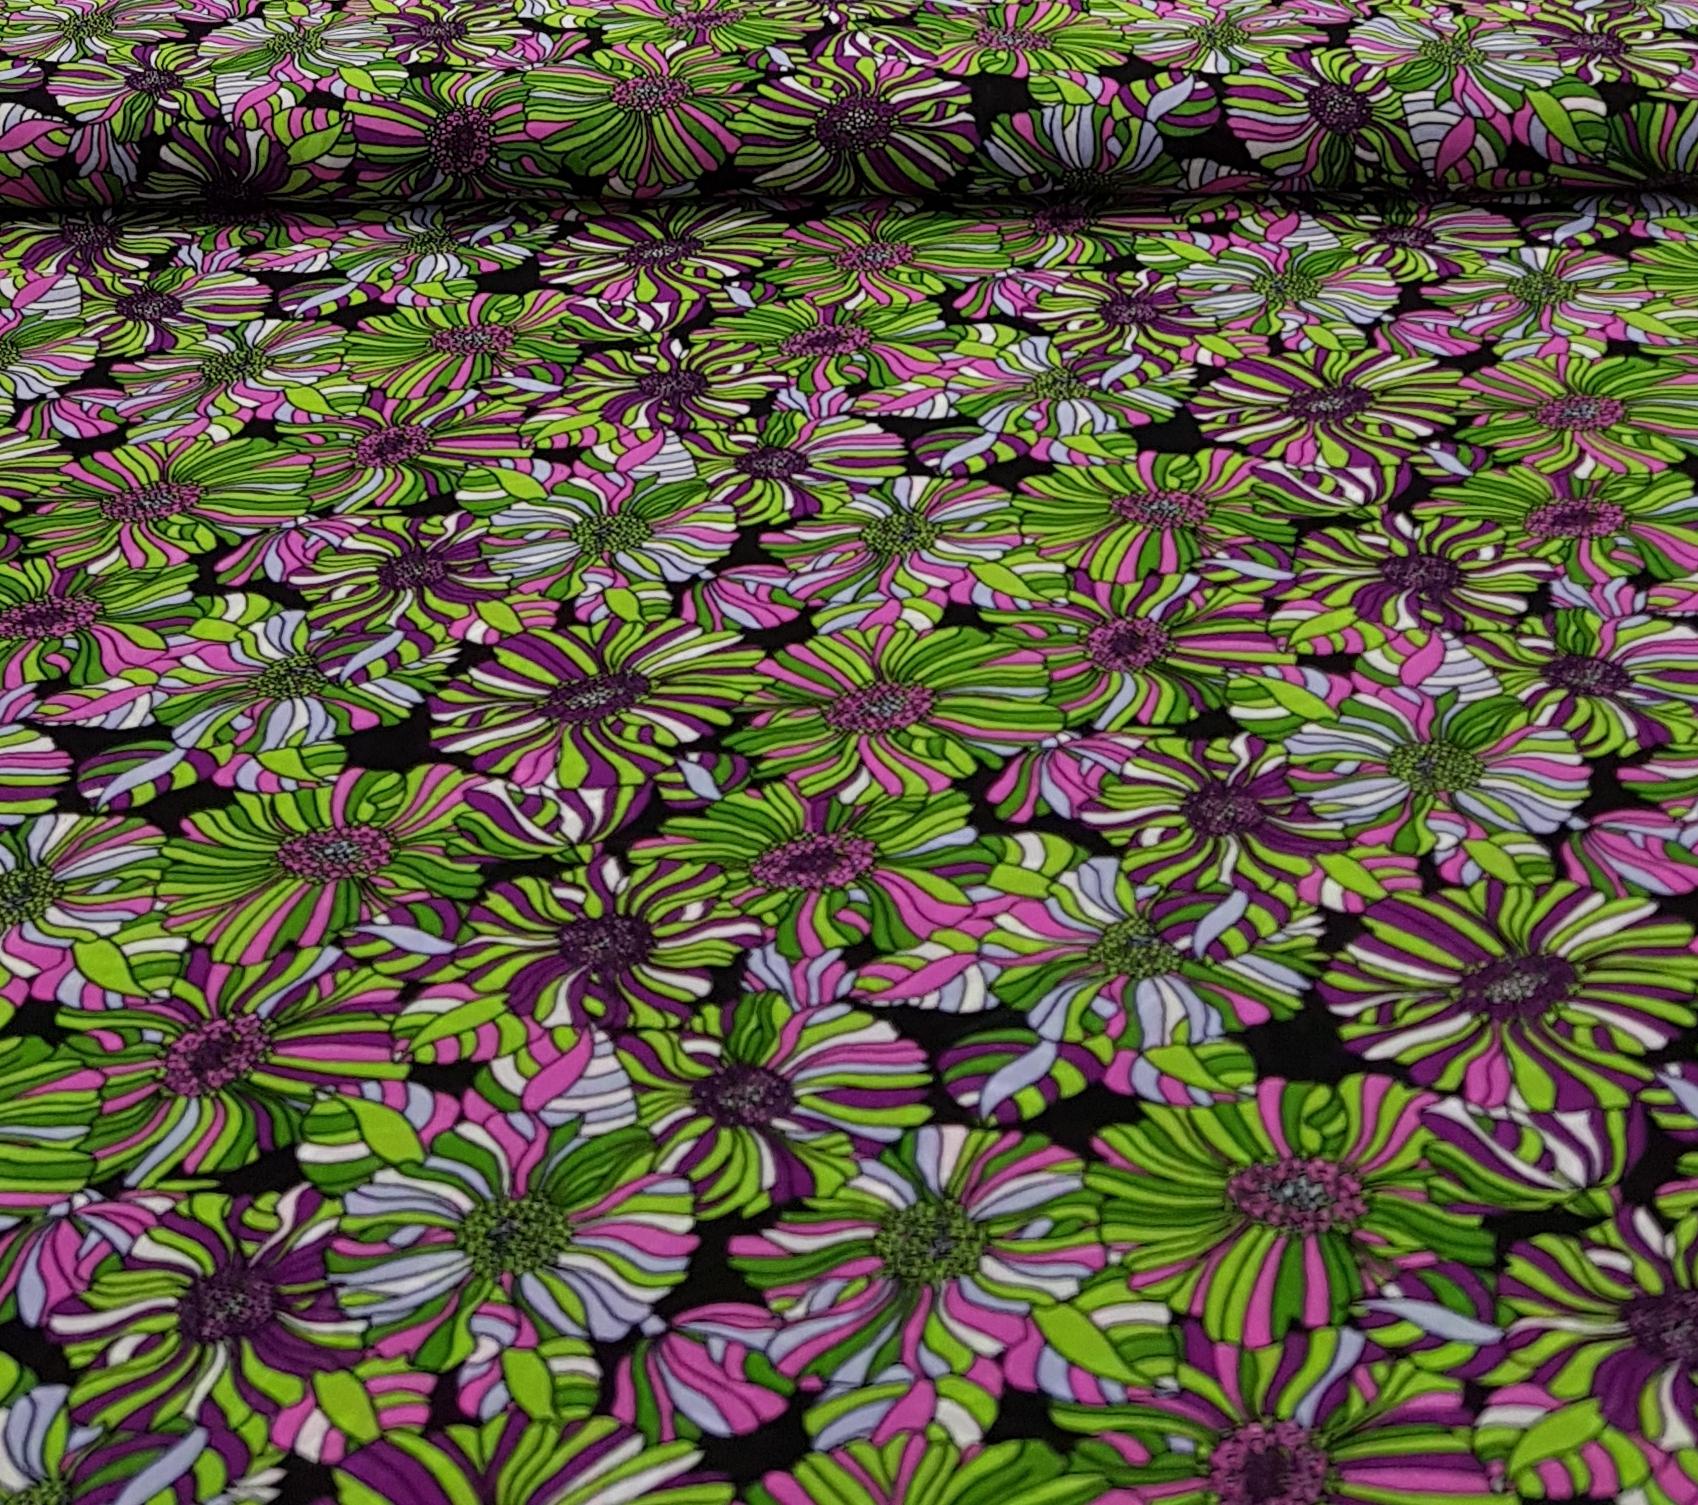 viscosevoilebloemengroenpaars